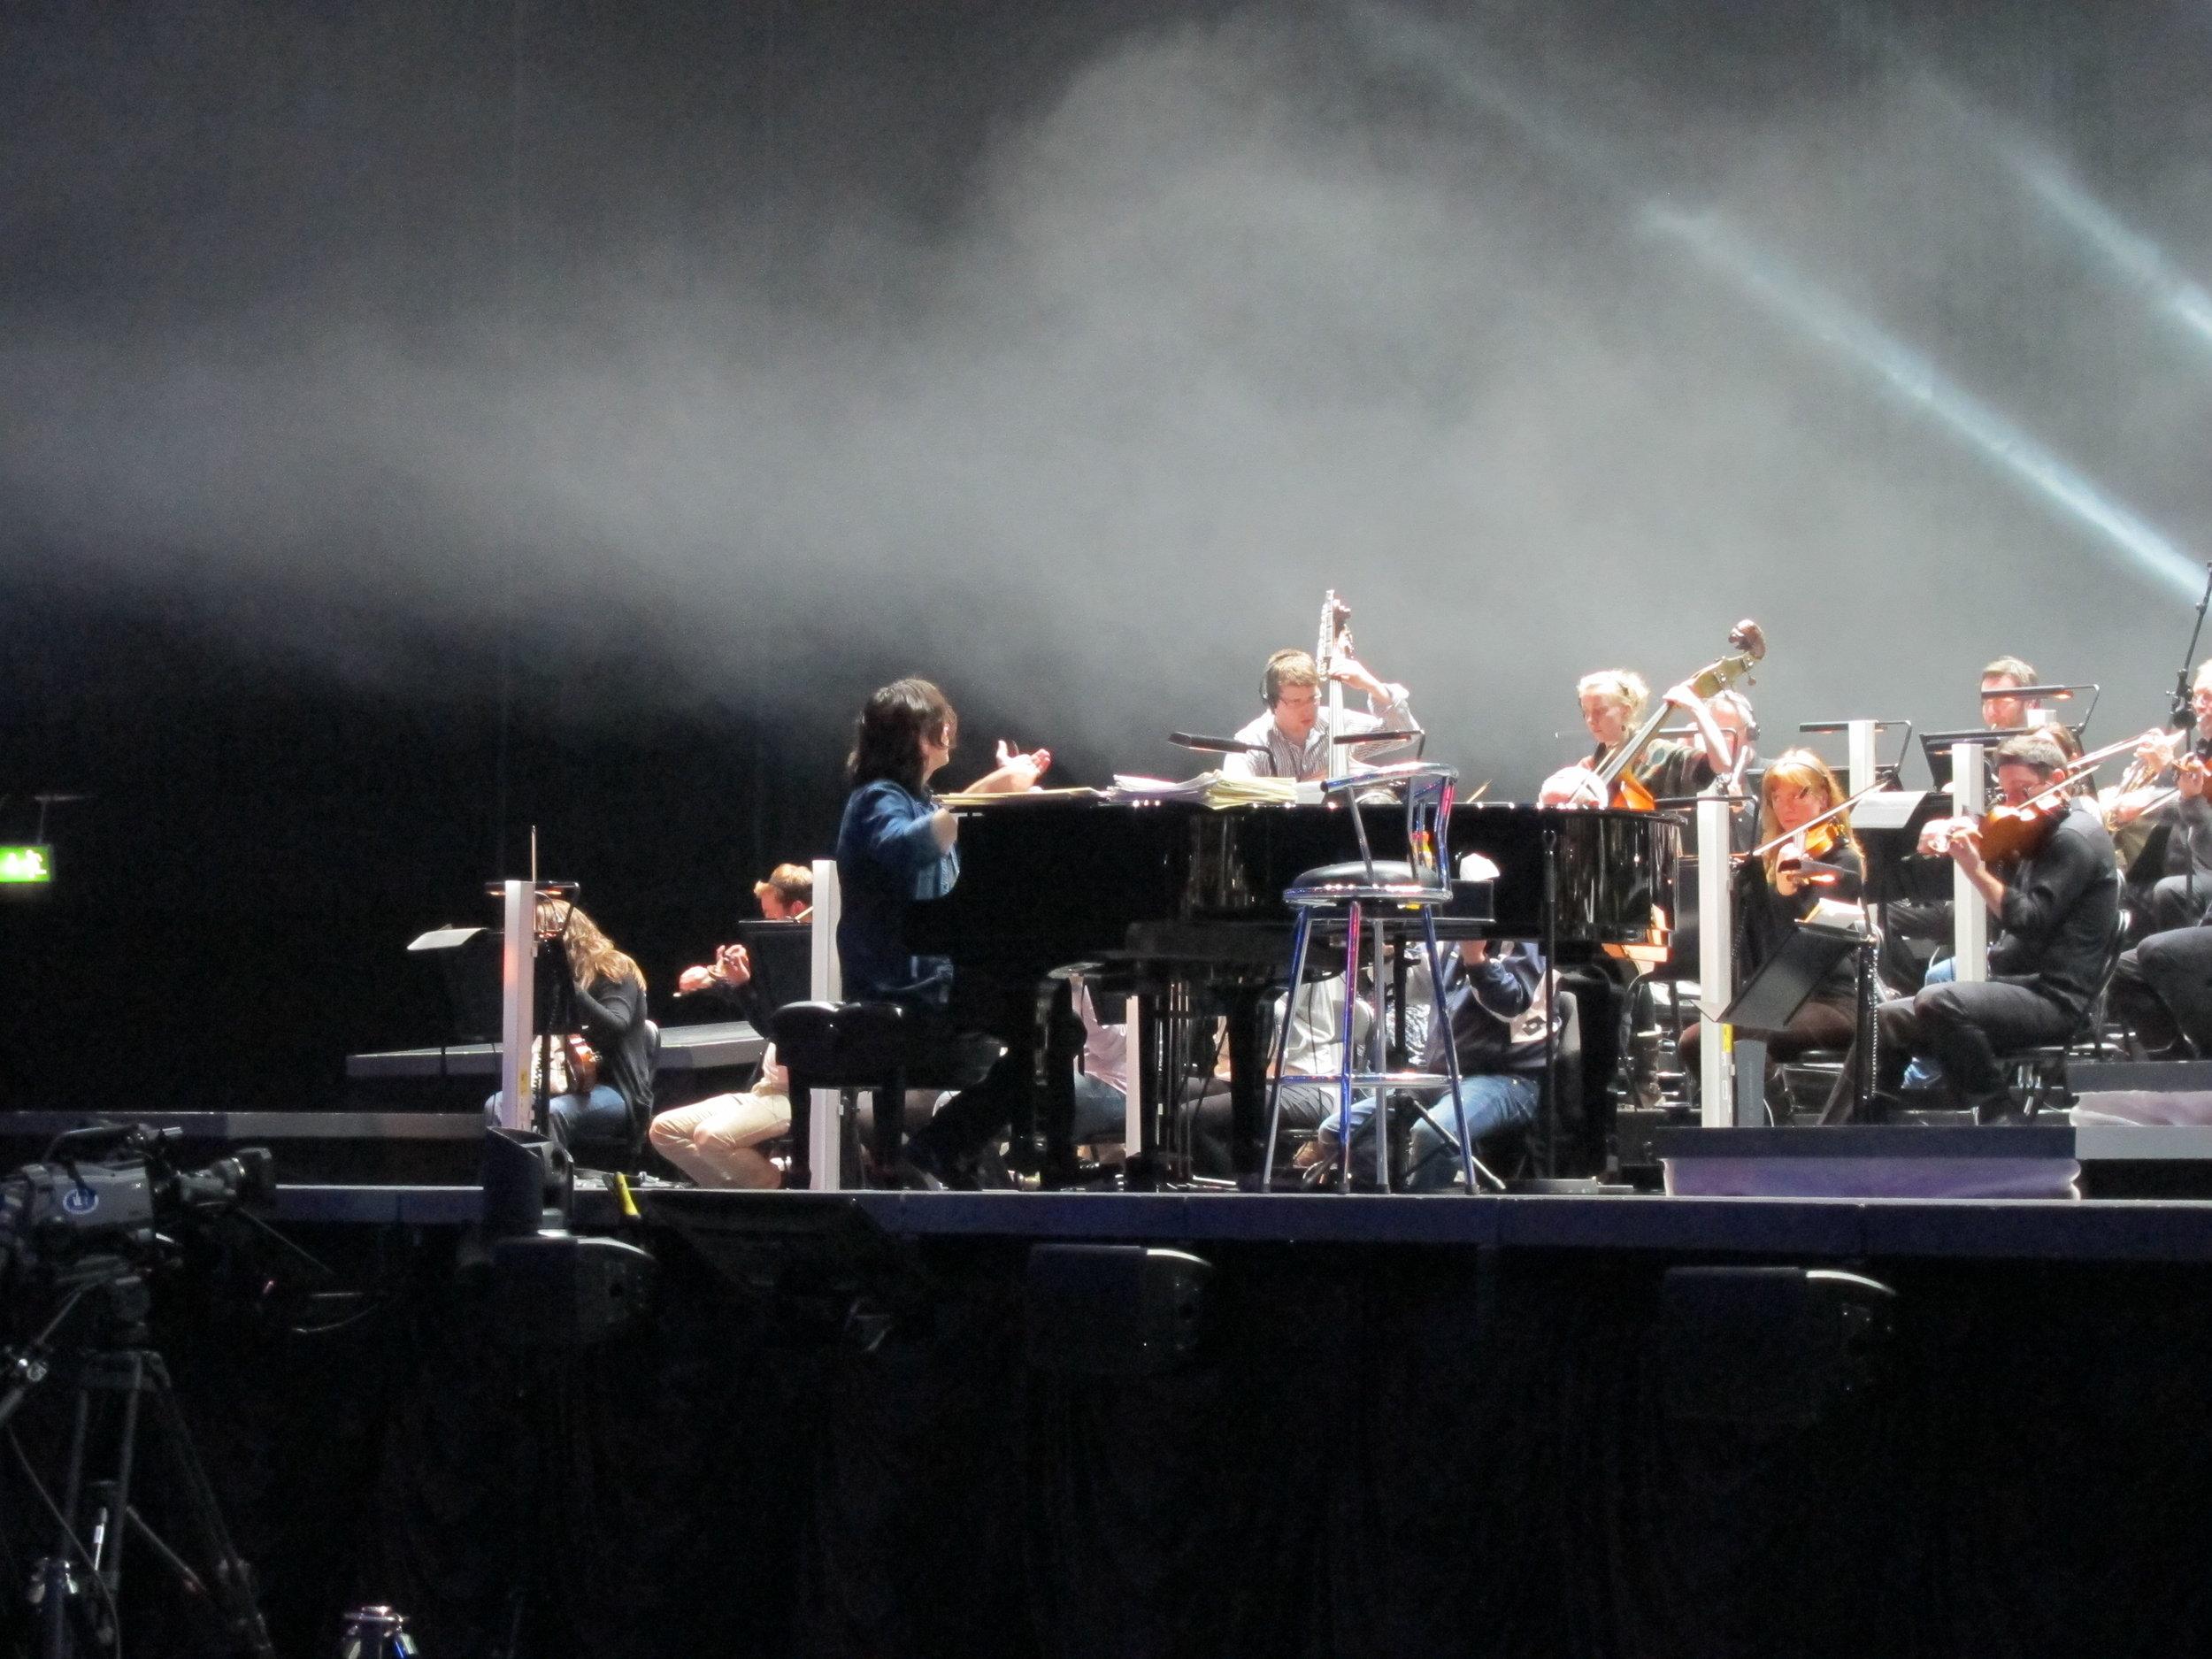 George Michael - Symphonica (Soundcheck)